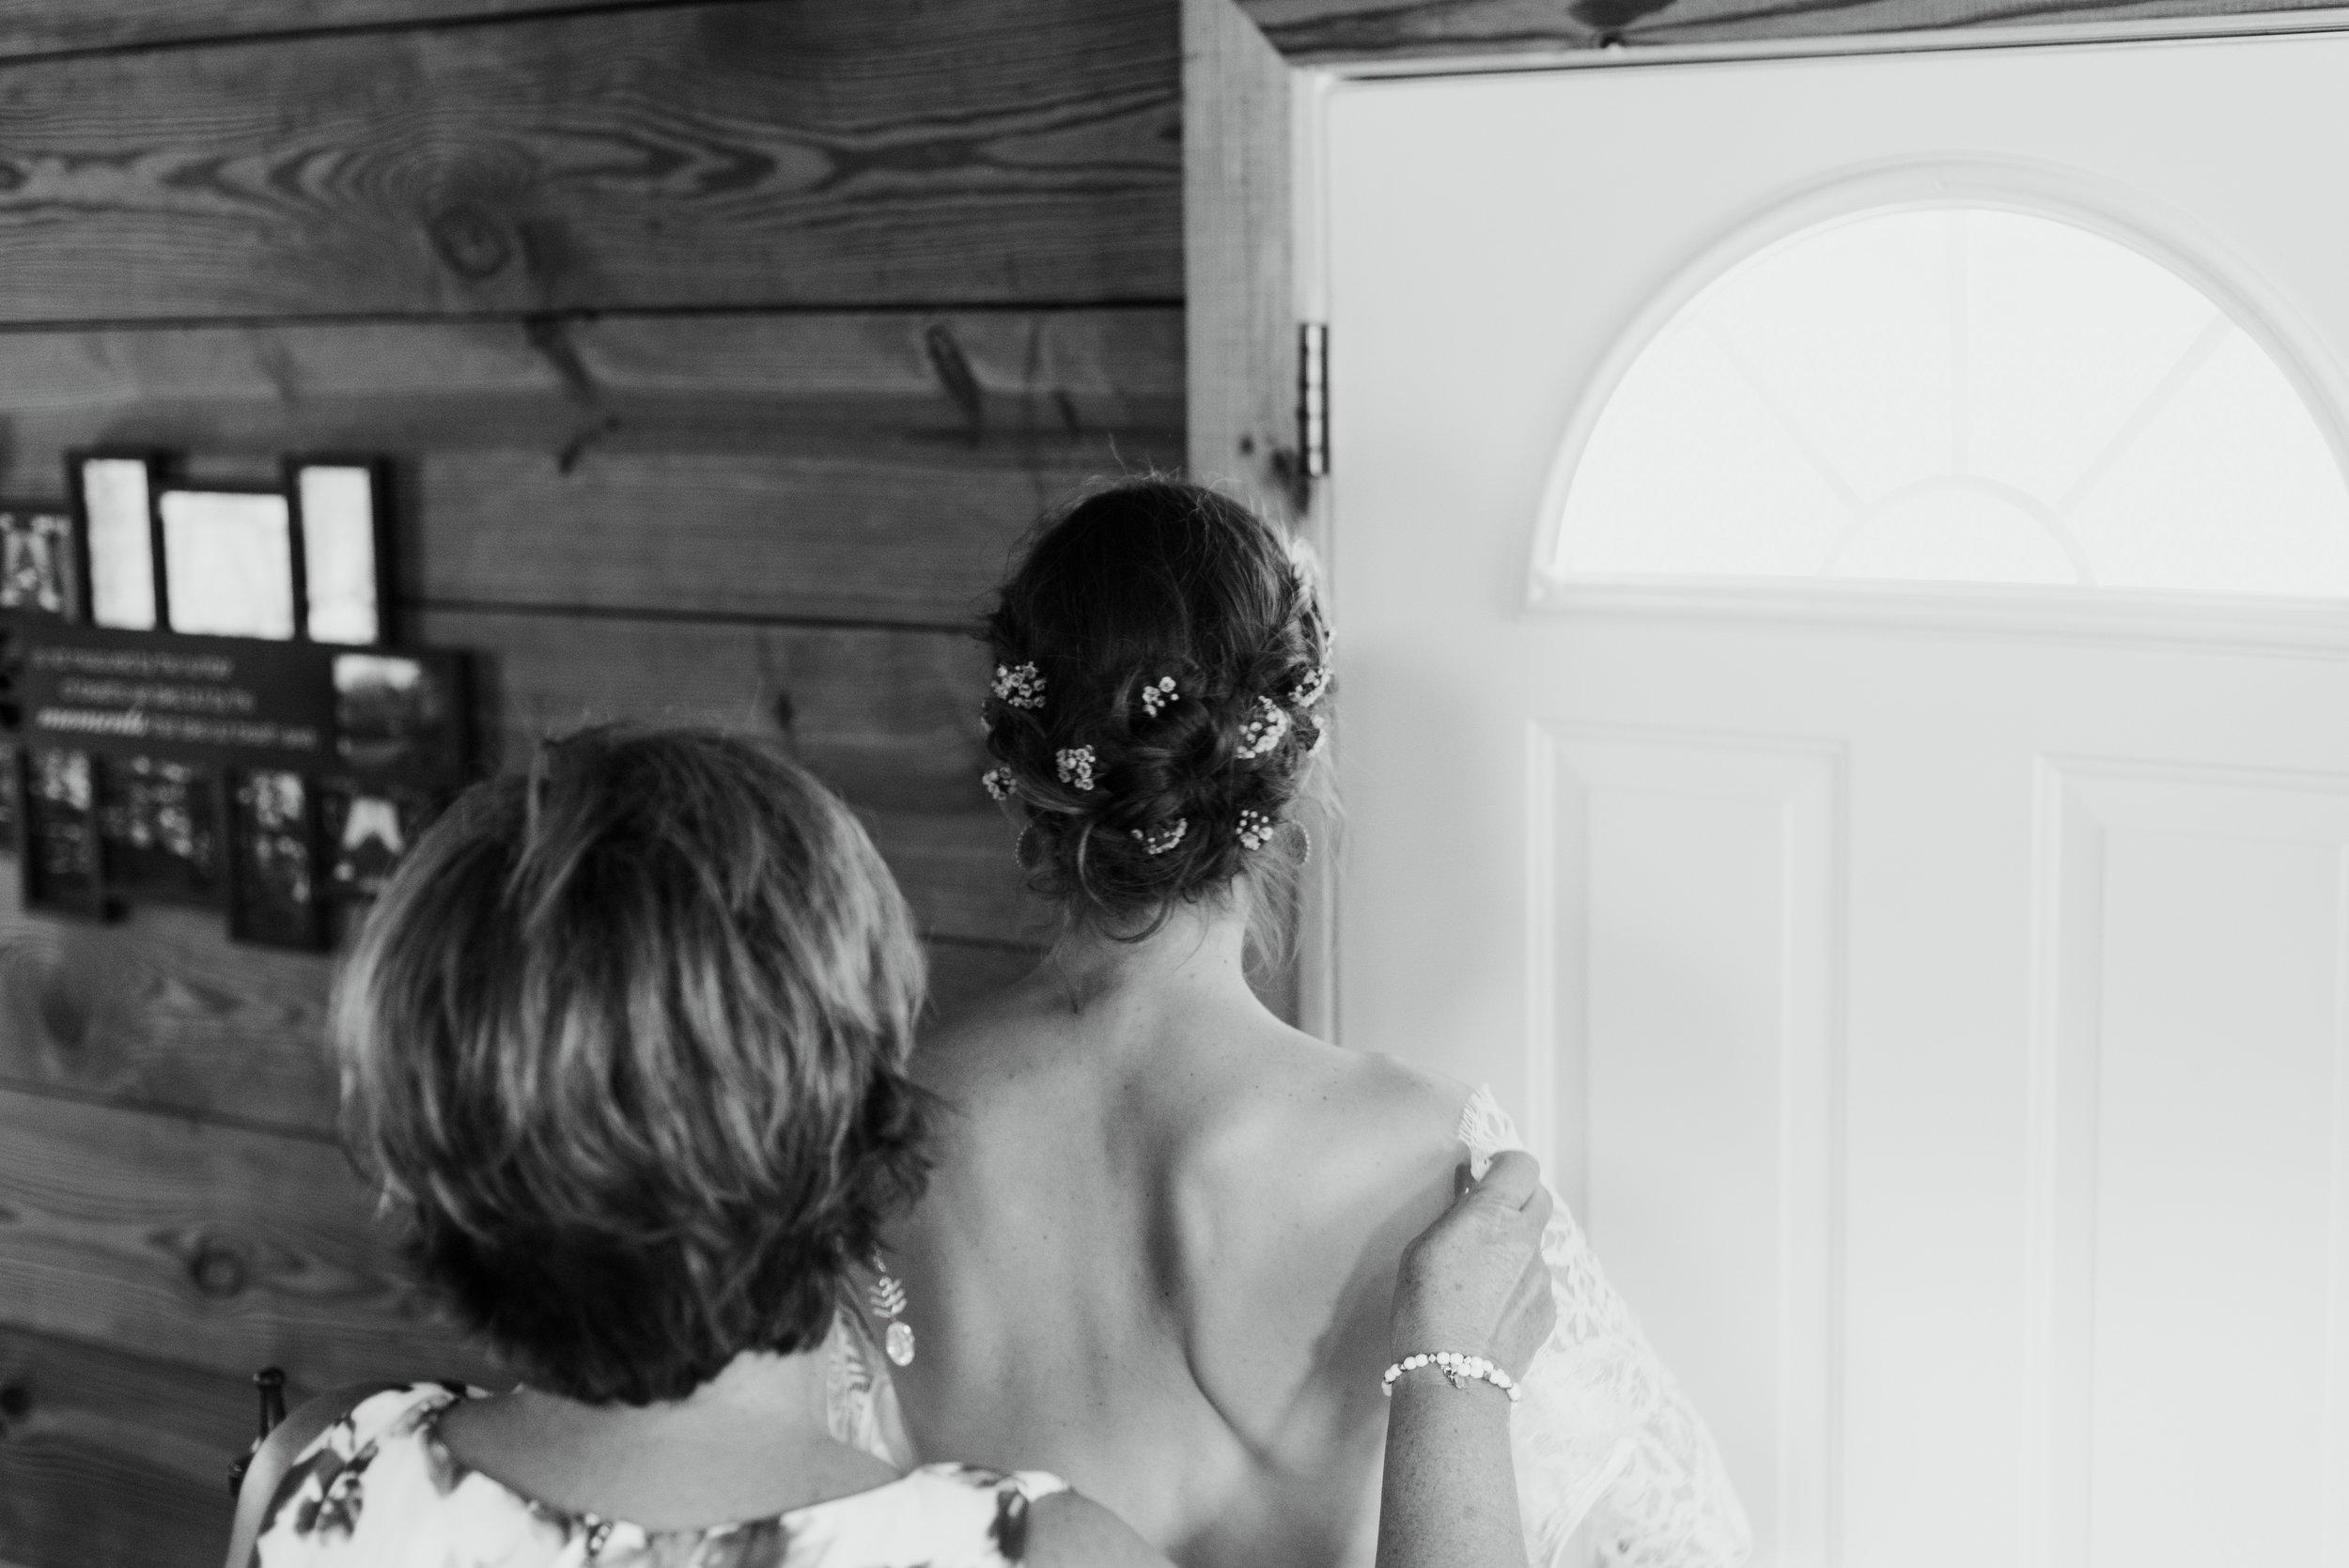 raleigh-elopement-photographer-raleigh-durham-wedding-maddie-and-devin- (9 of 162).jpg